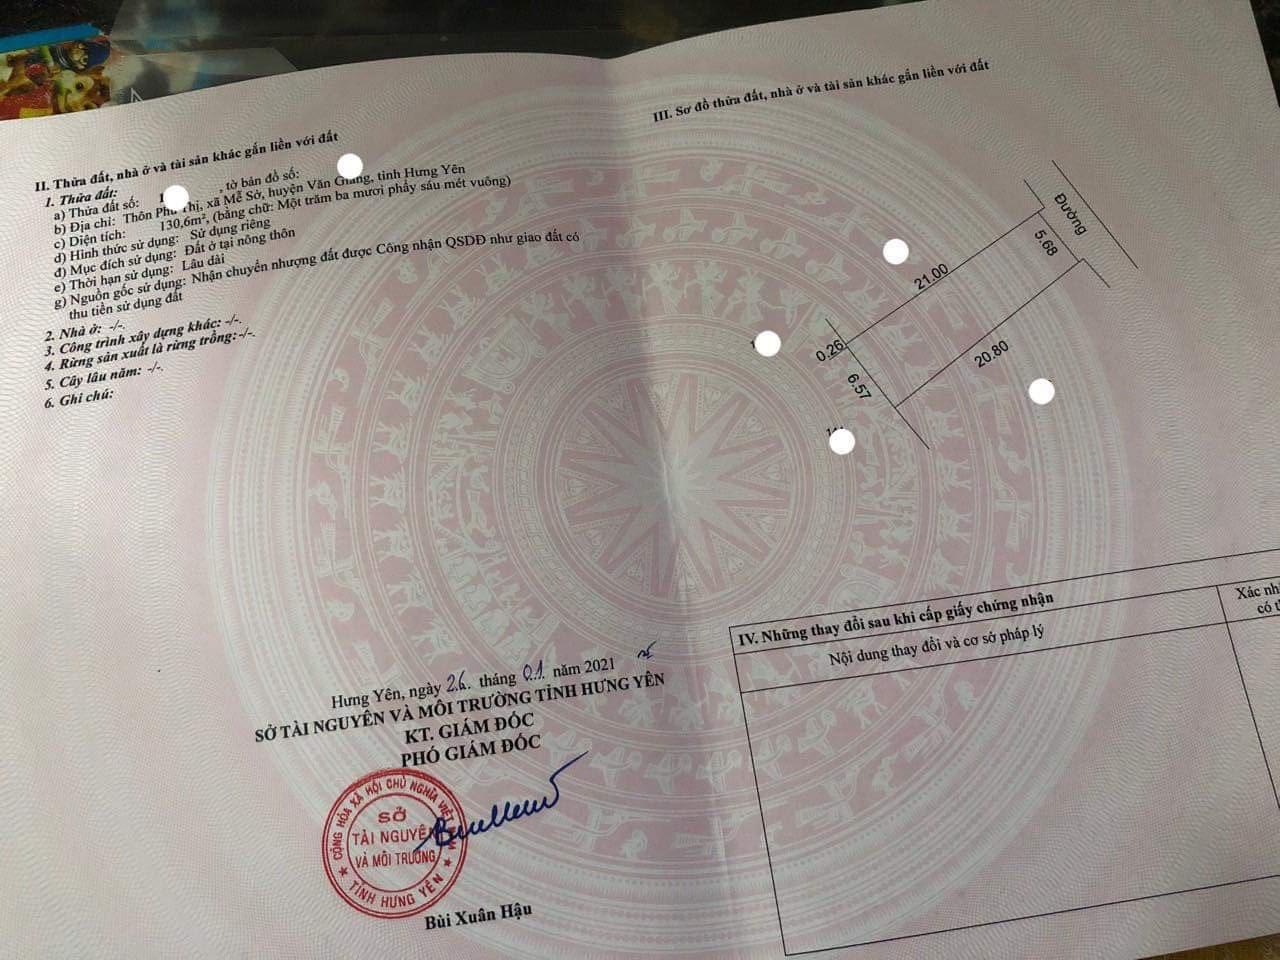 Bán ô đất 130,6m2 tại Thôn Phú Thị, Văn Giang, Hưng Yên